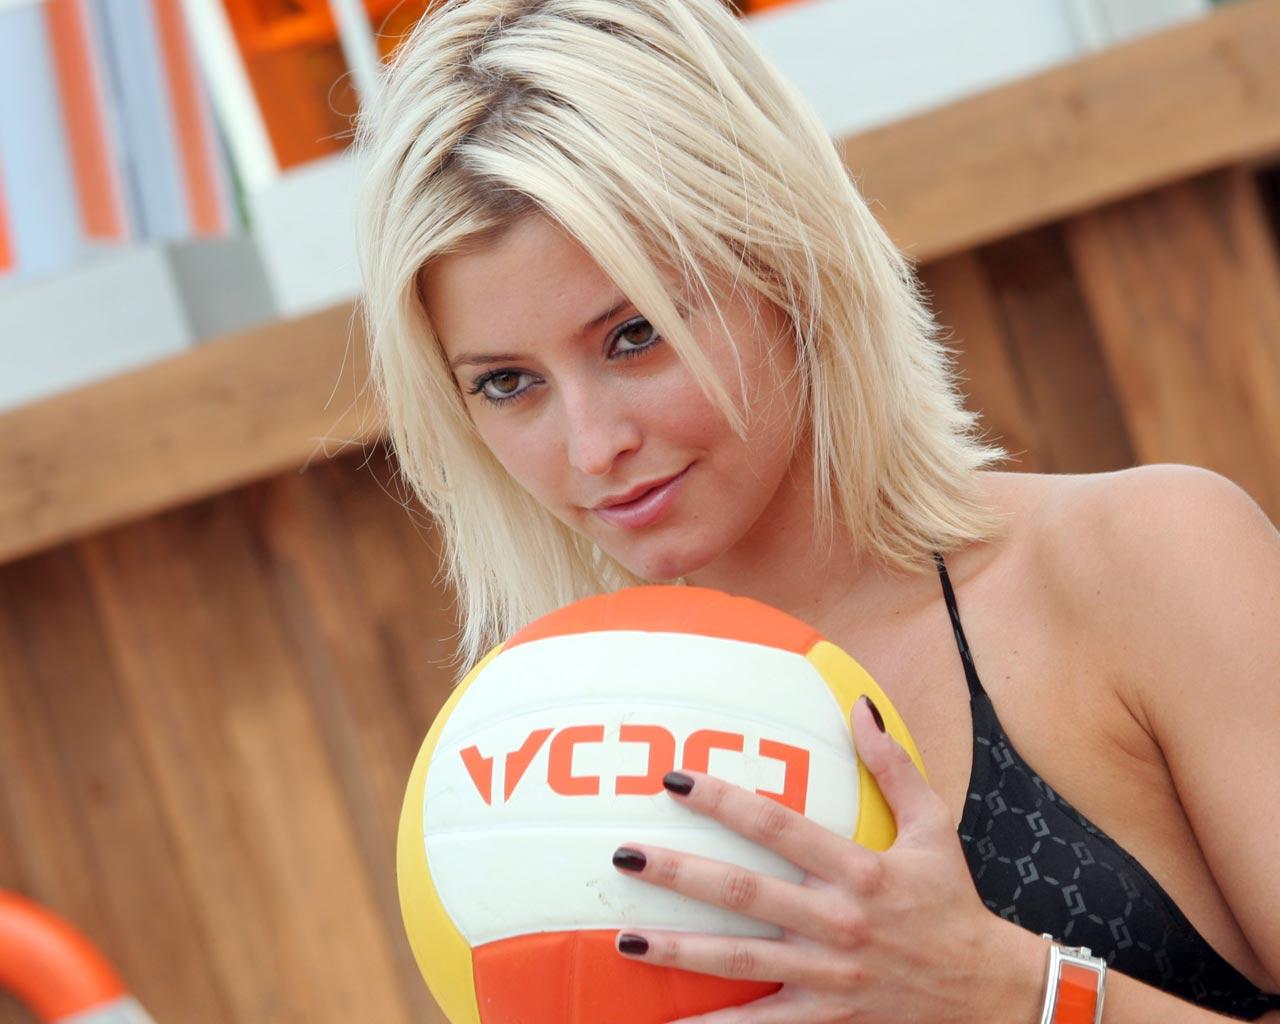 Beach Volleyball Women Wallpaper